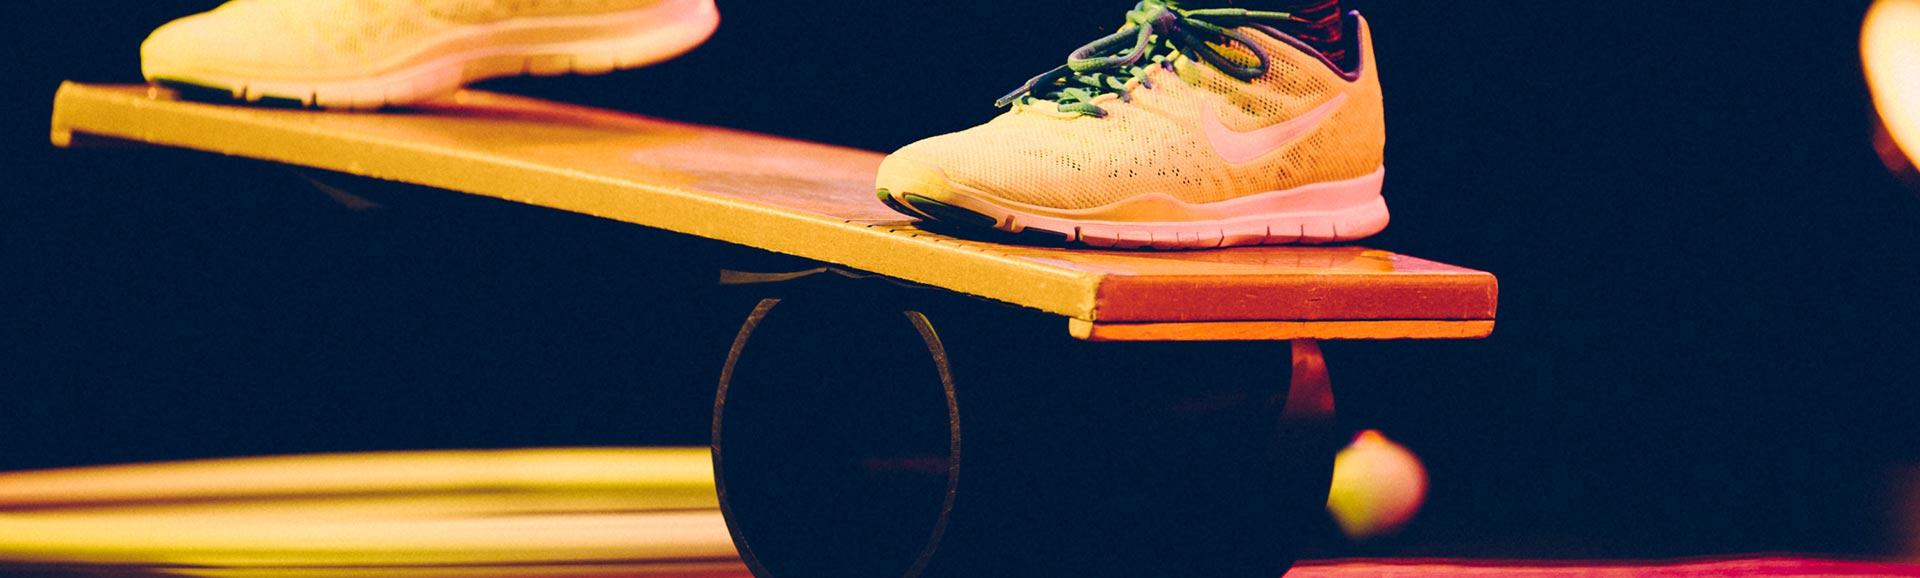 Ein Bild von Füßen eines Jungen auf einer Rola Bola